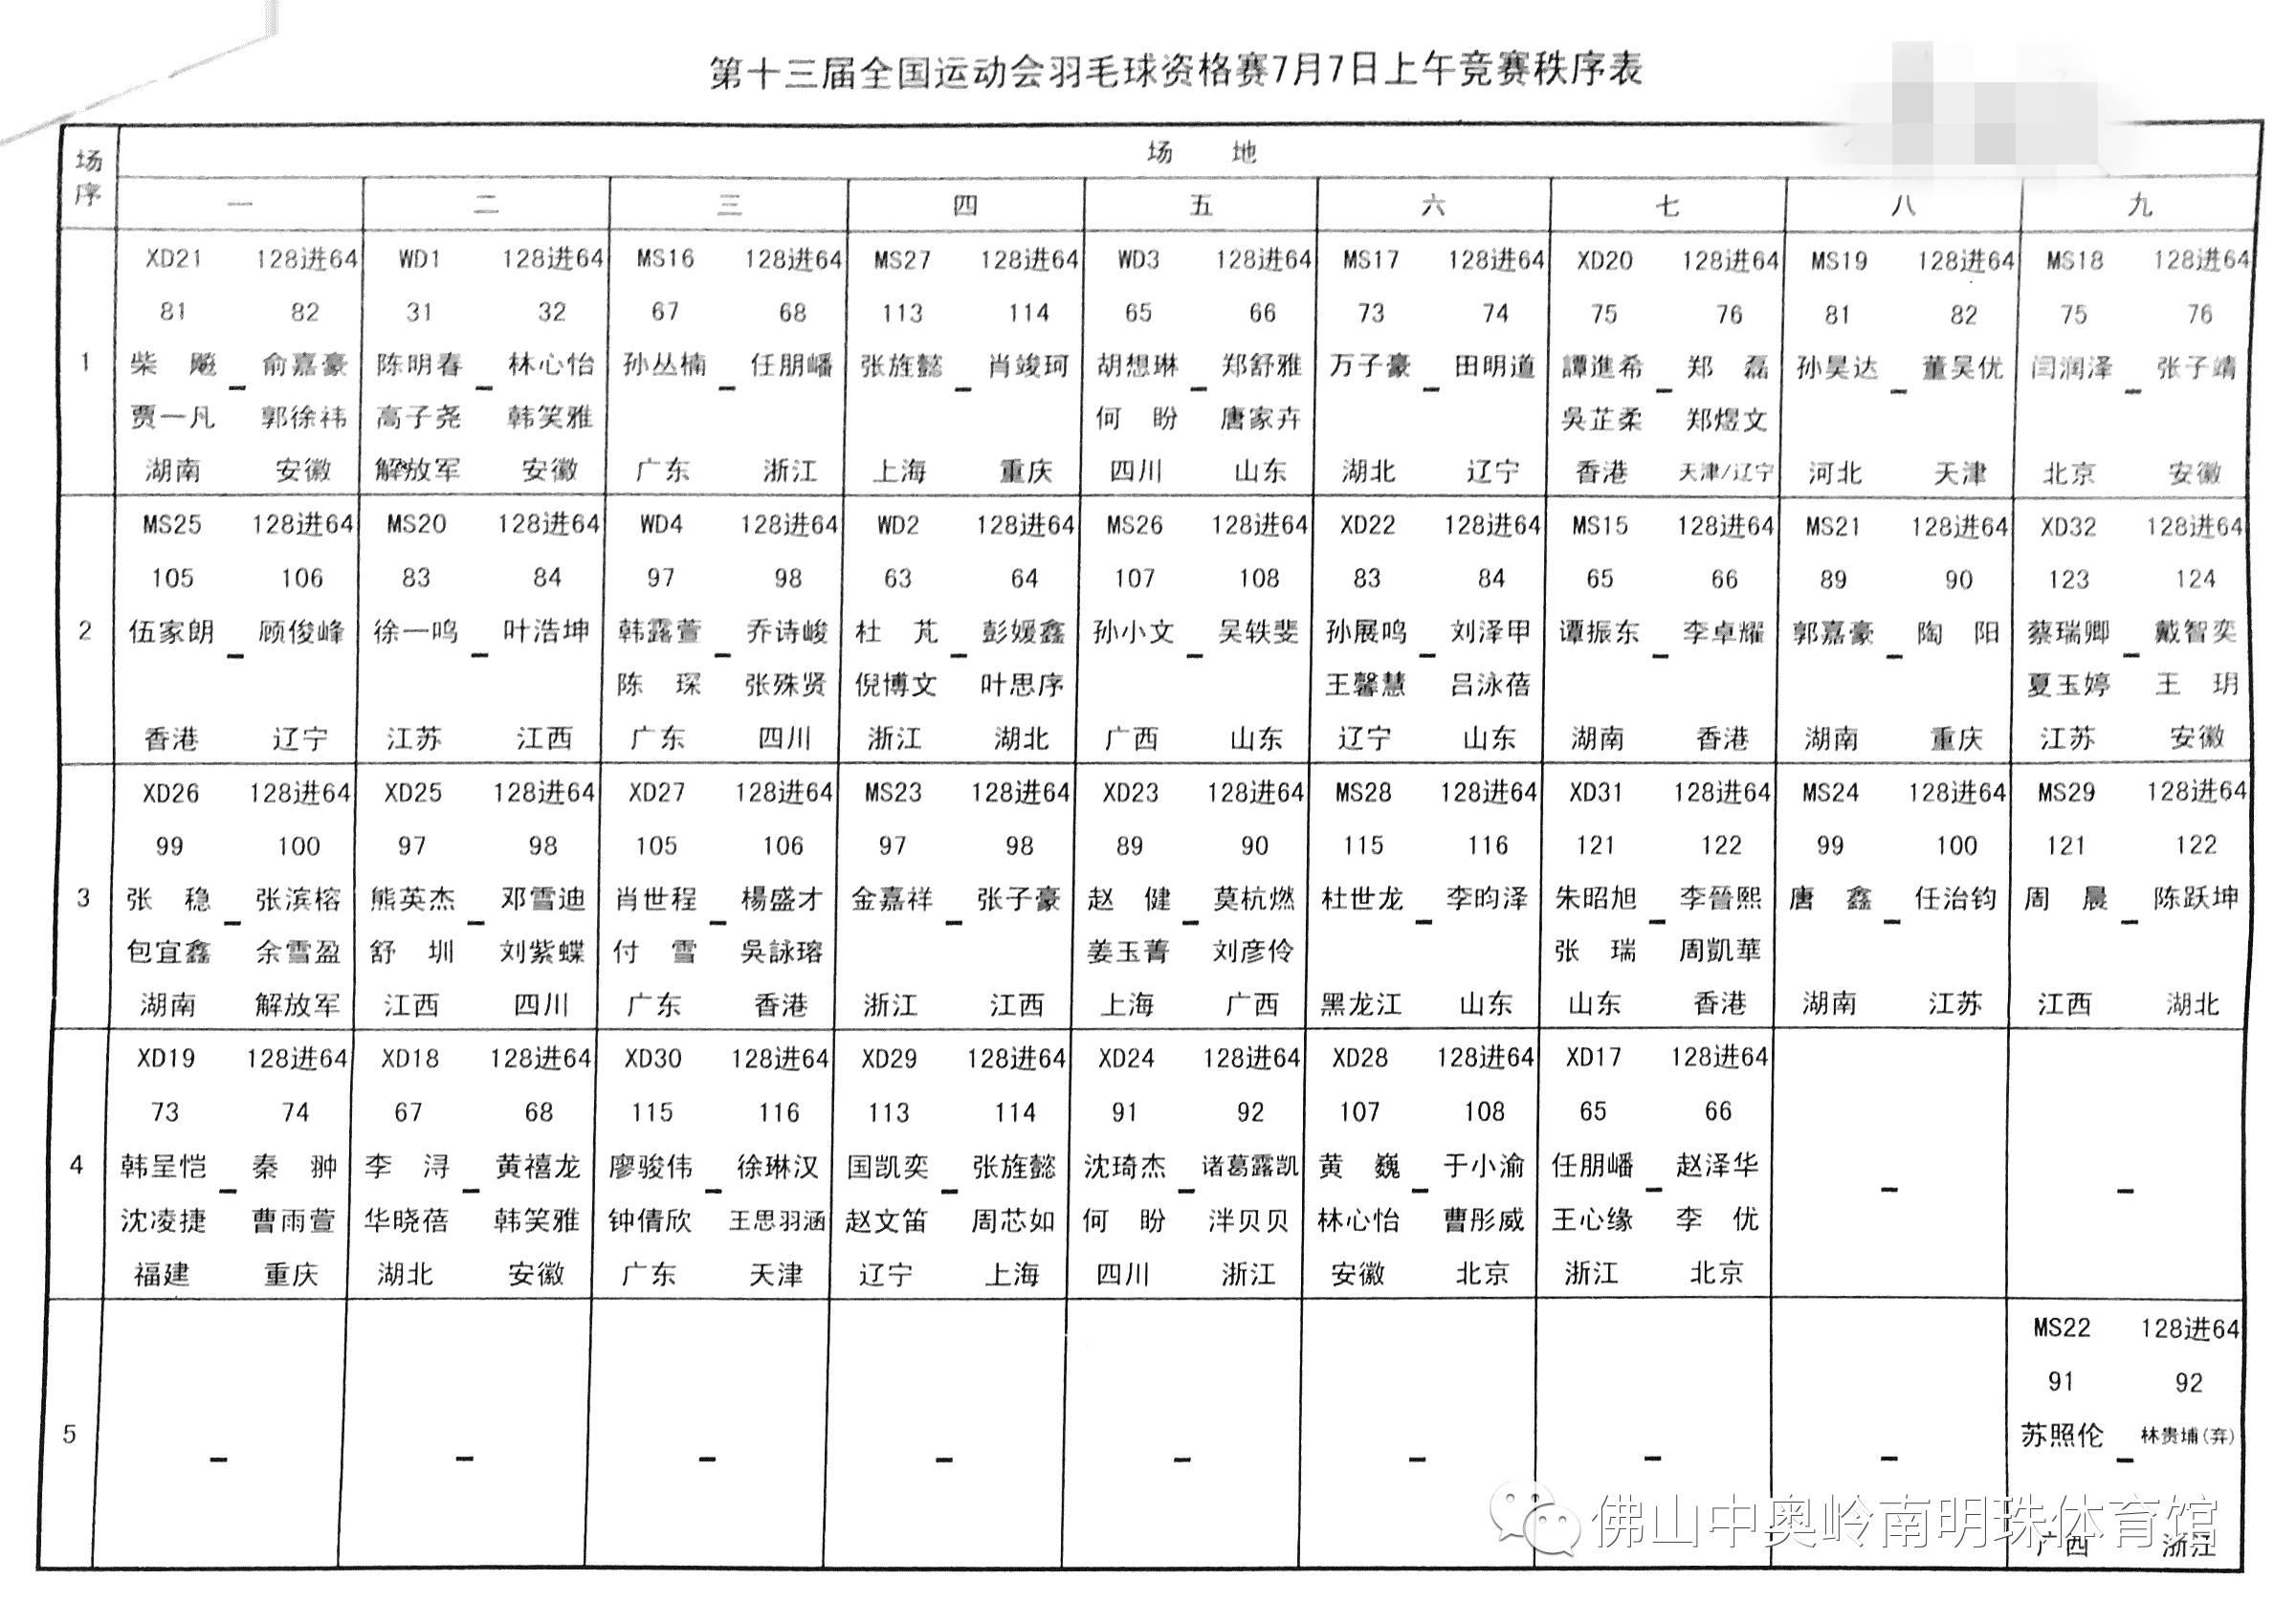 赛事资讯 全运会资格赛王仪涵赢球上海仍告败 内附7月6日对阵表和赛况